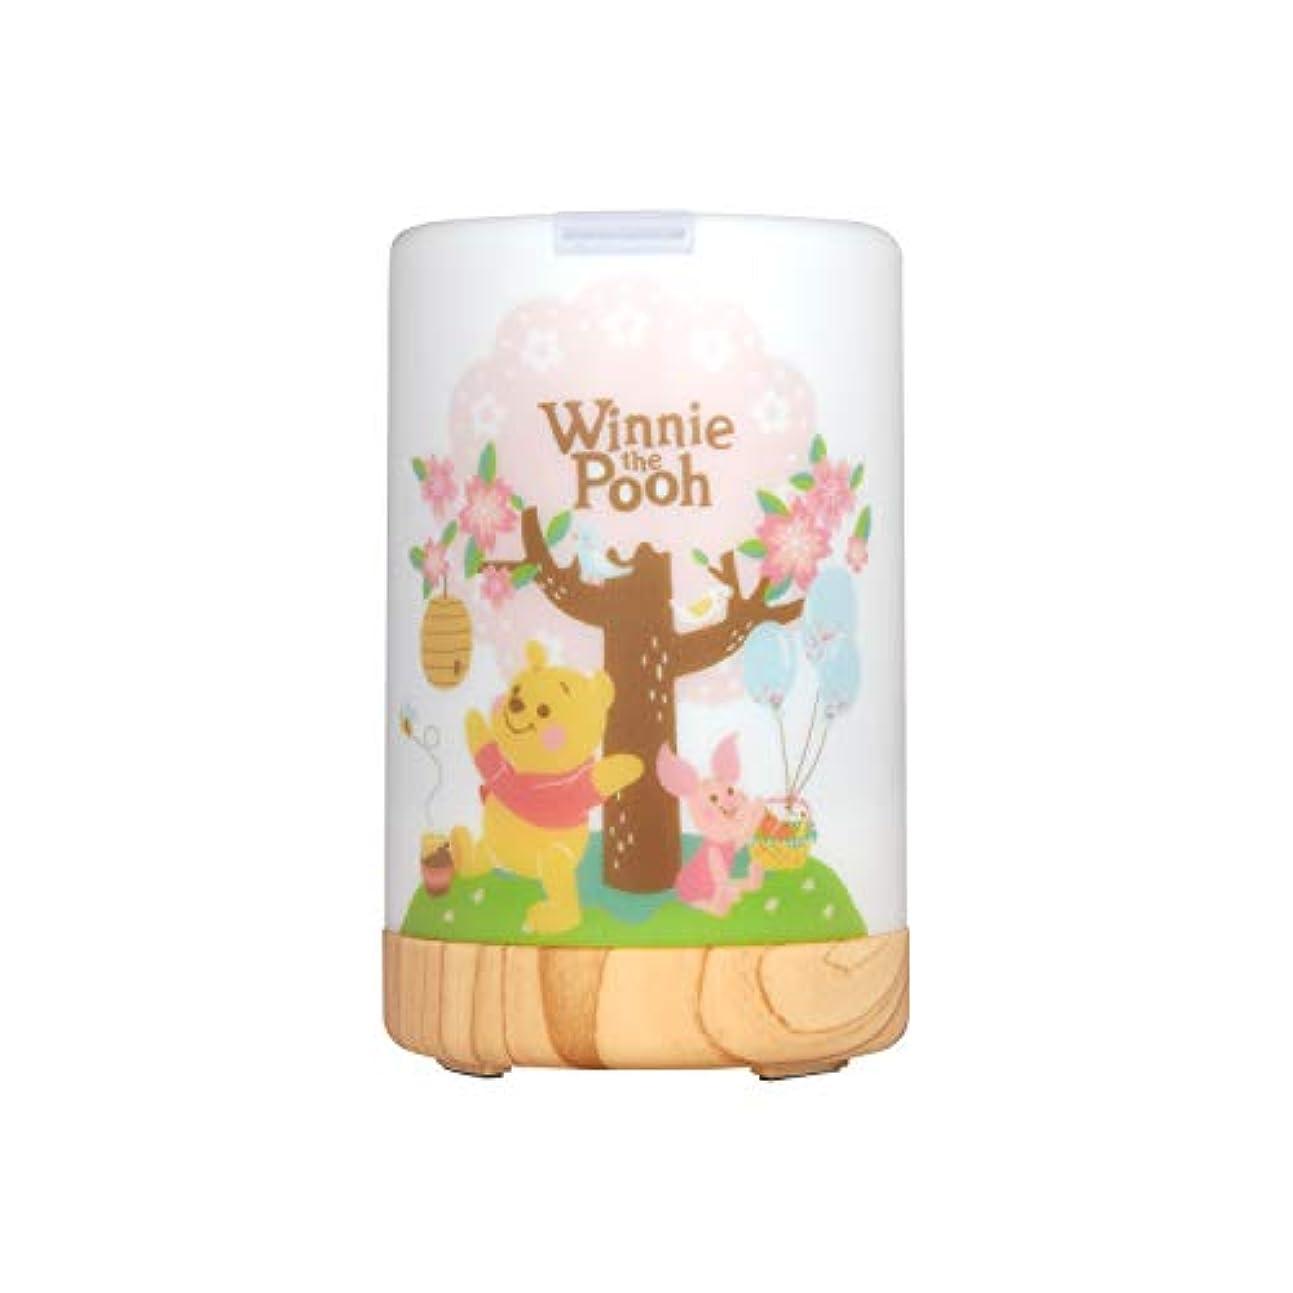 興奮する経営者加入InfoThink アロマディフューザー Disney Winnie the Pooh 間接照明 くまのプーさん [並行輸入品]